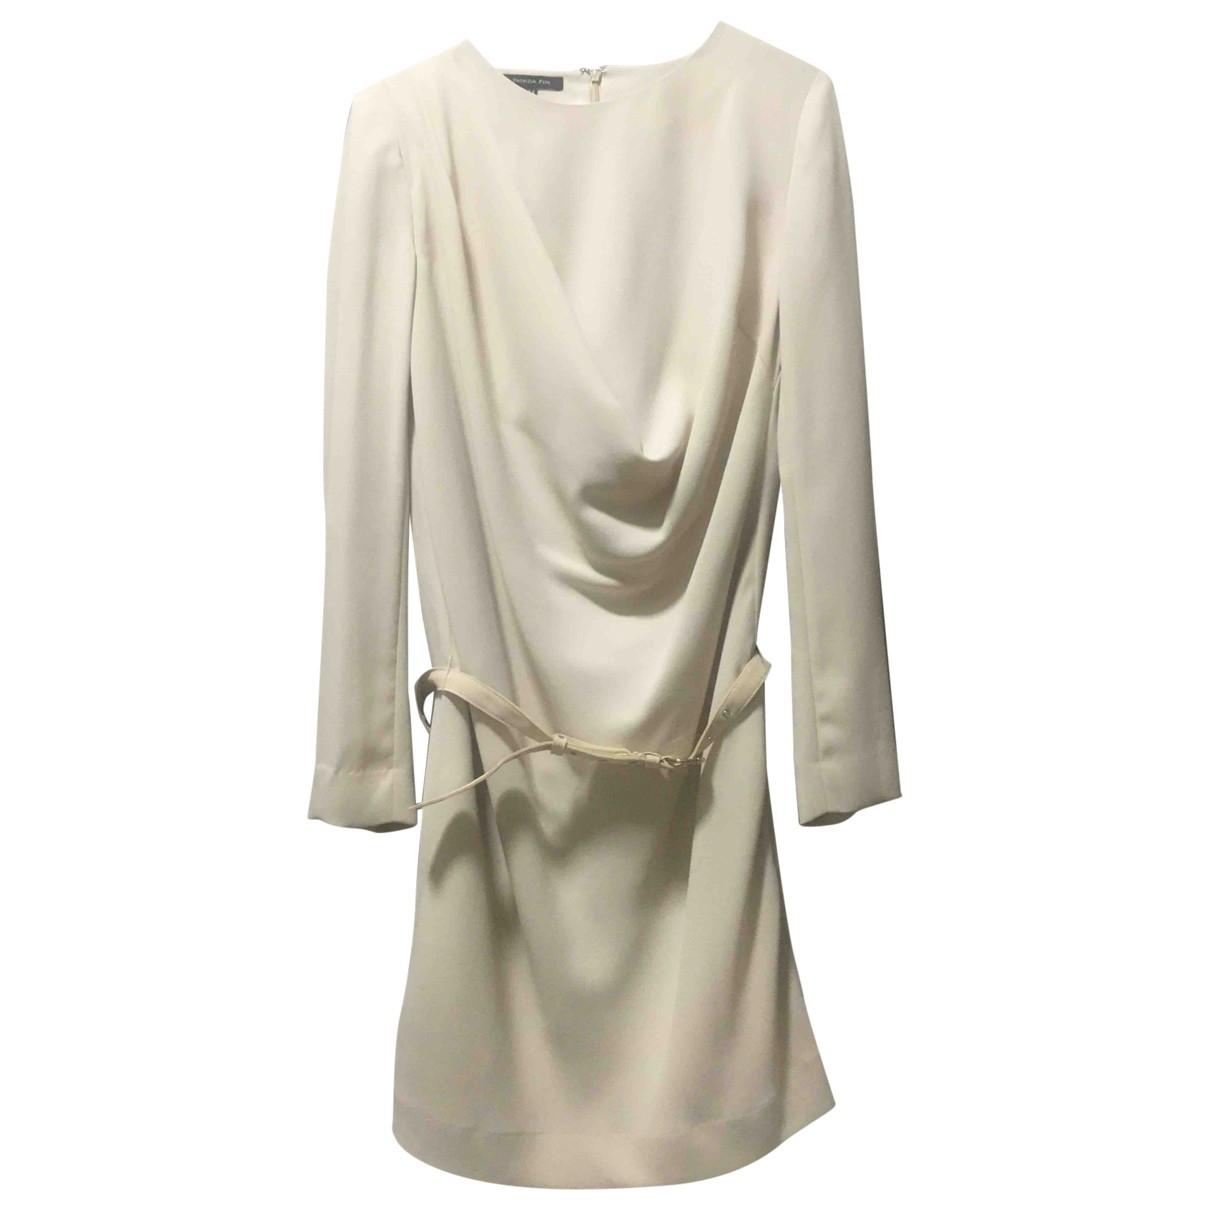 Patrizia Pepe \N Beige dress for Women 44 IT